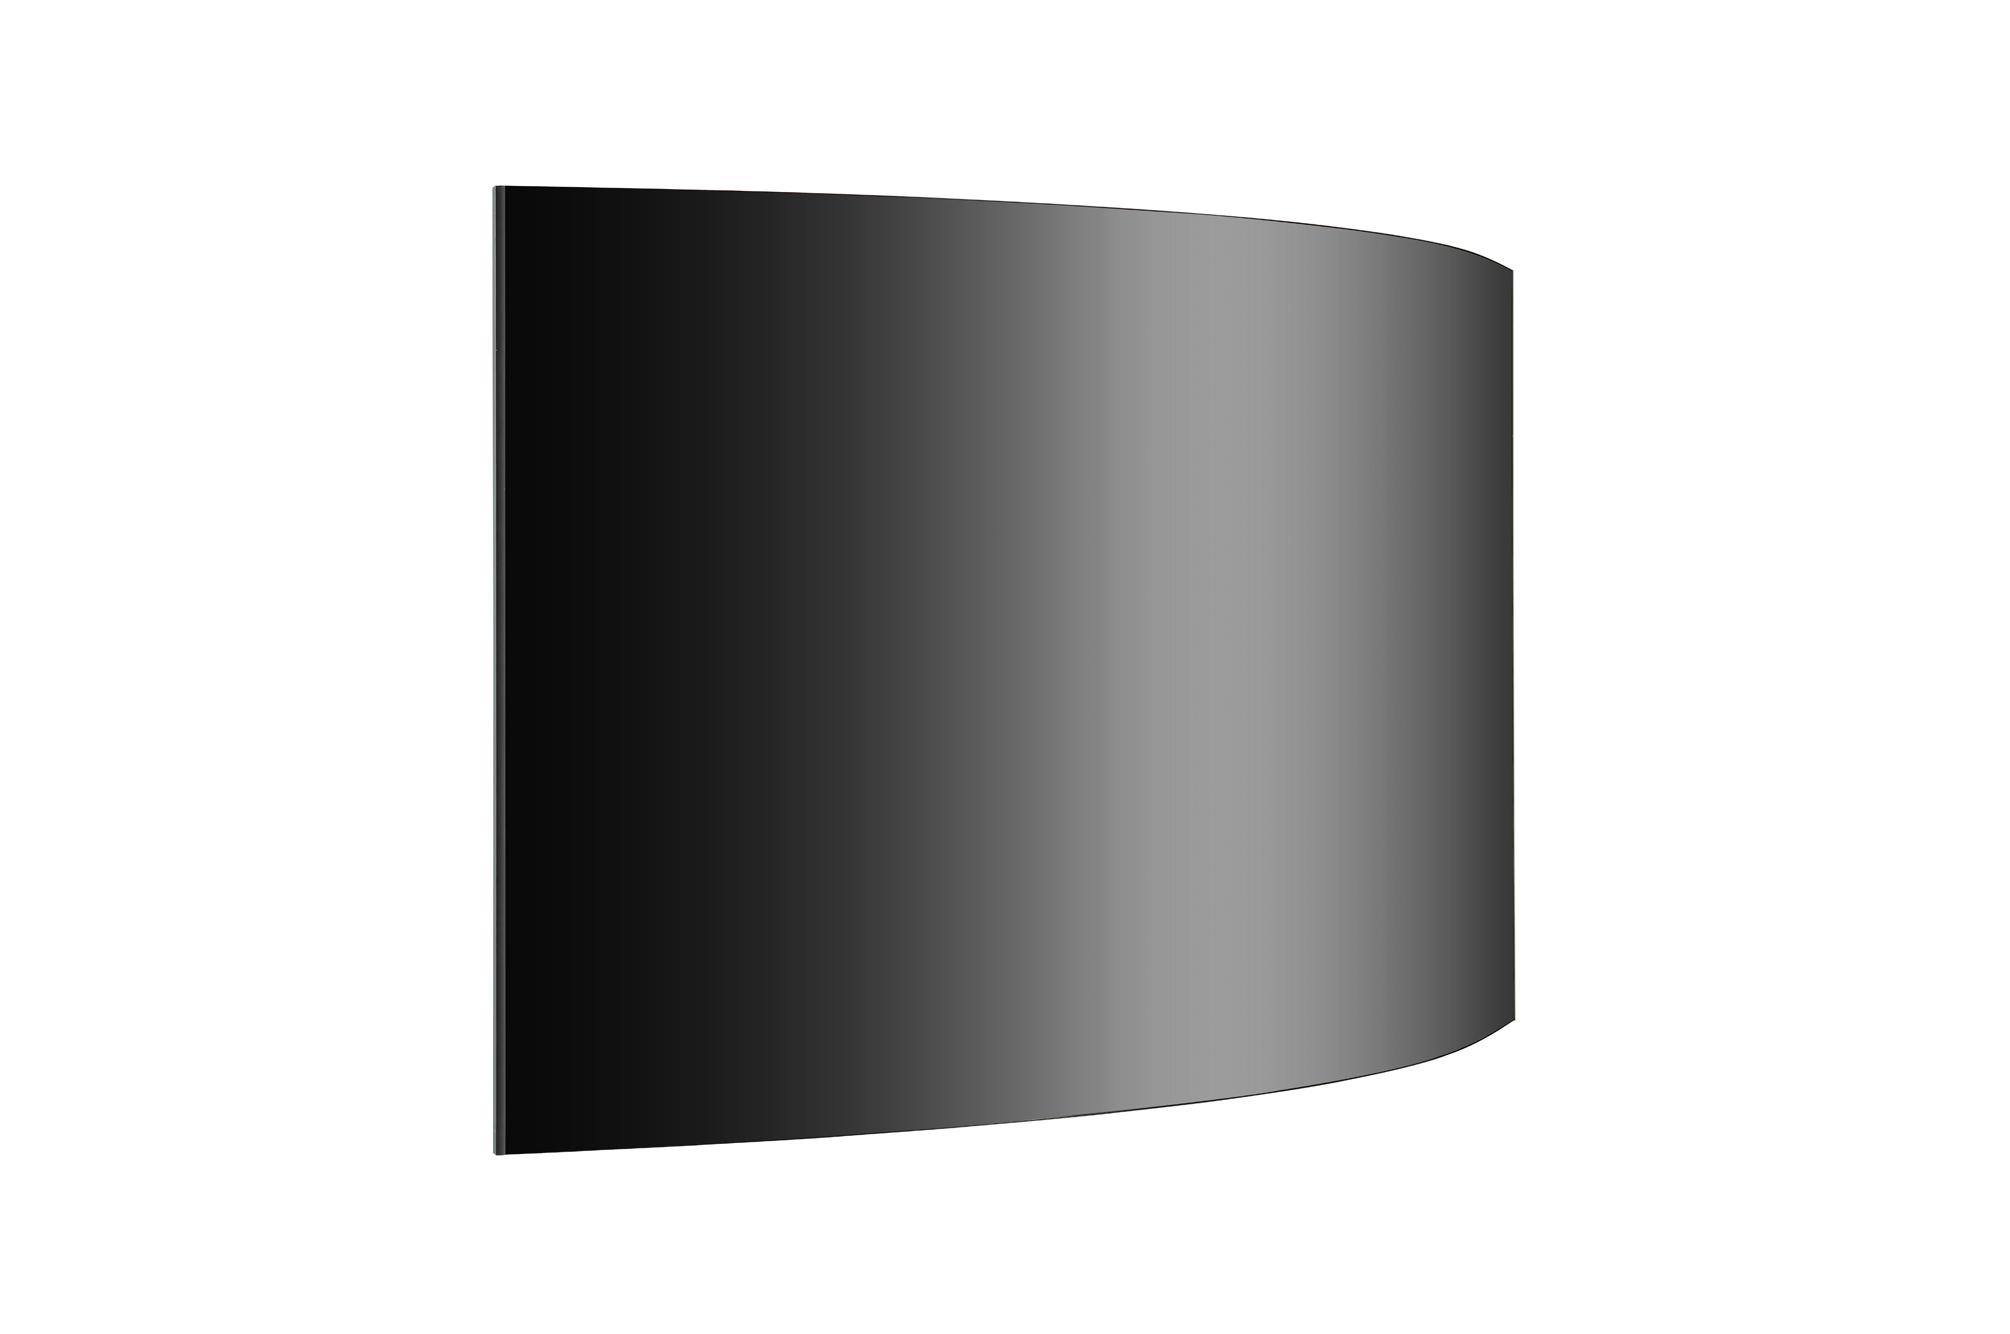 LG Open Frame 55EF5F-L